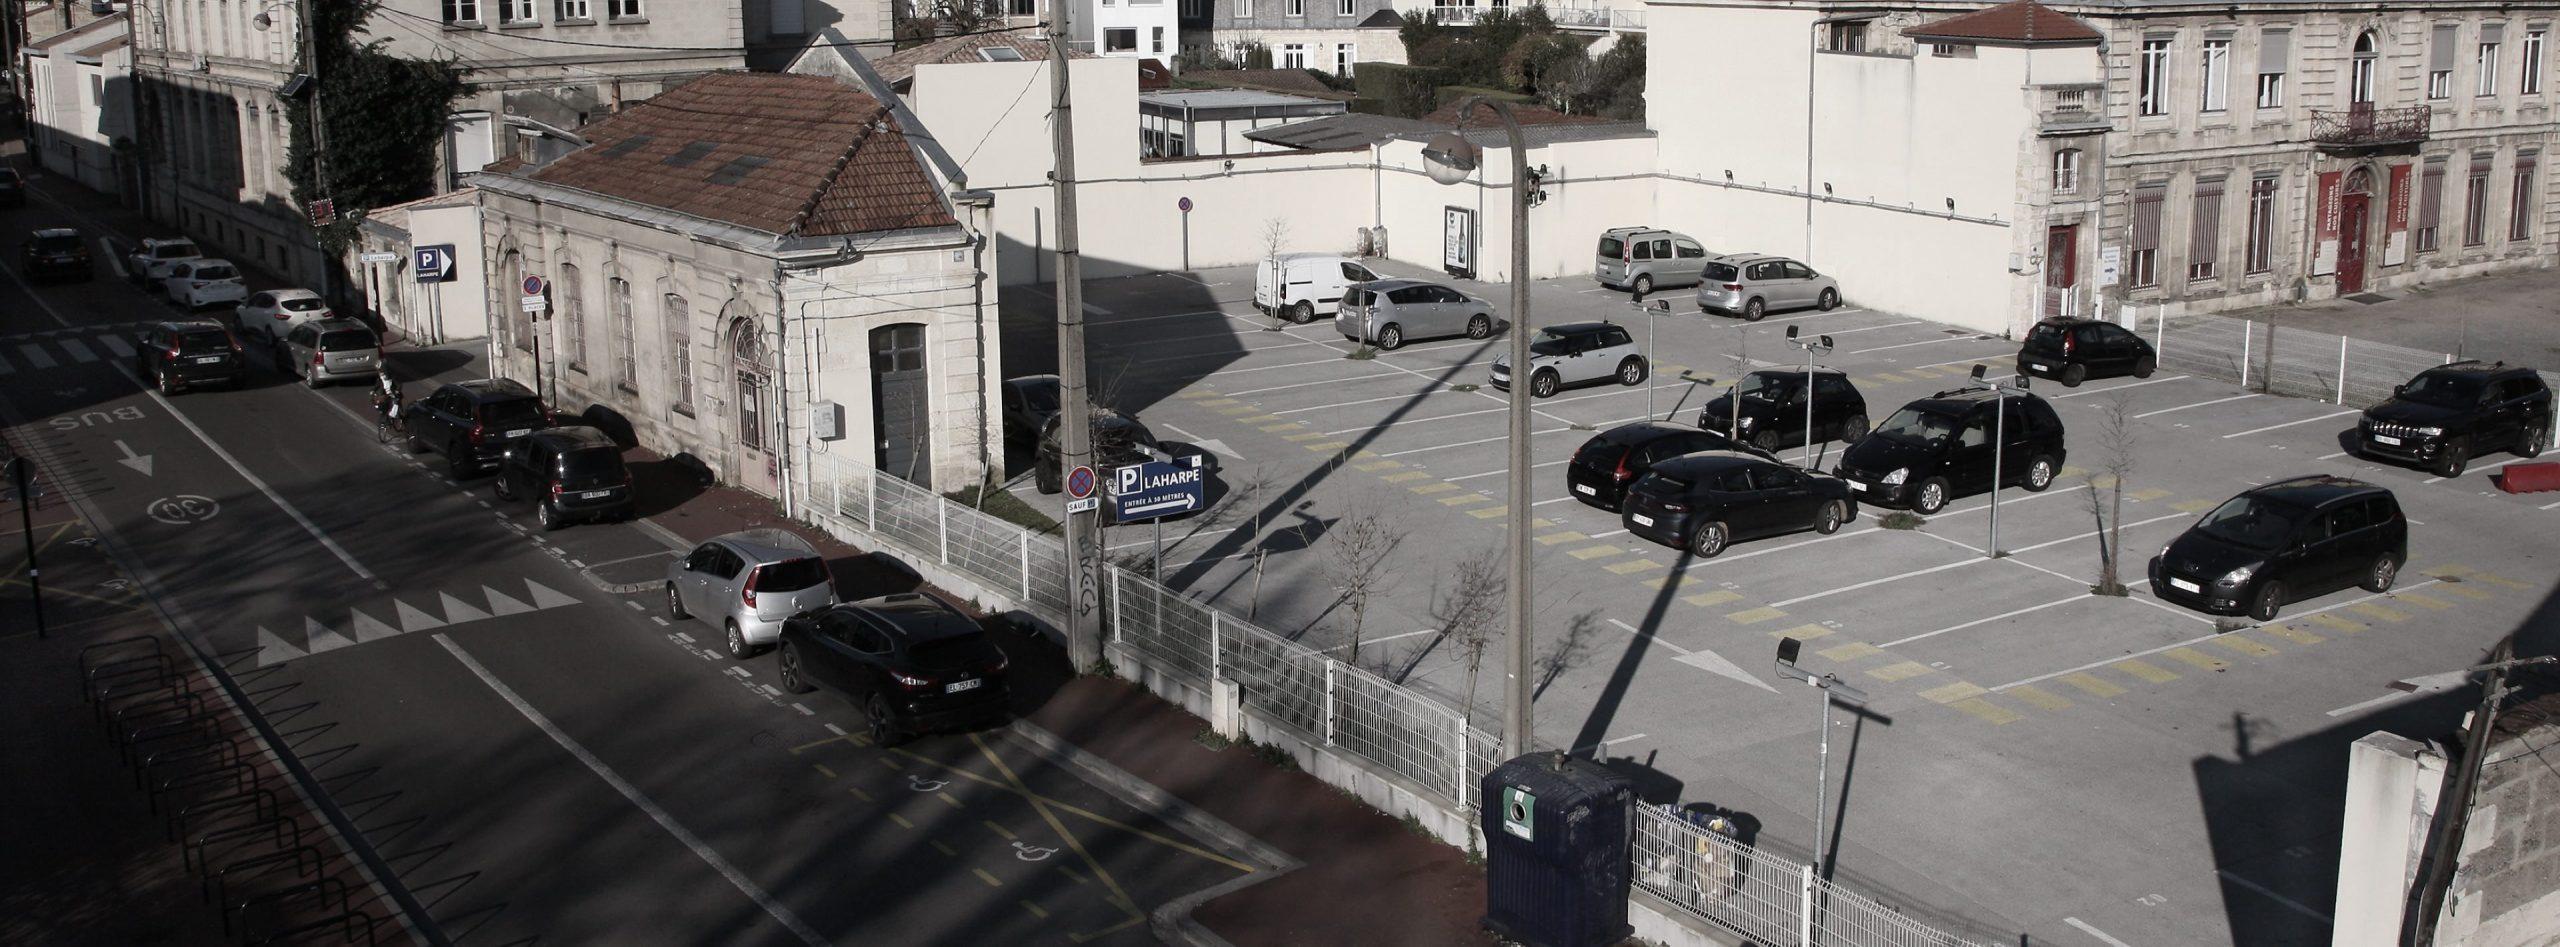 Garez-vous au parking La Harpe METPARK au Bouscat proche des boulevards et du parc Bordelais, près de la barrière du Médoc de Bordeaux.